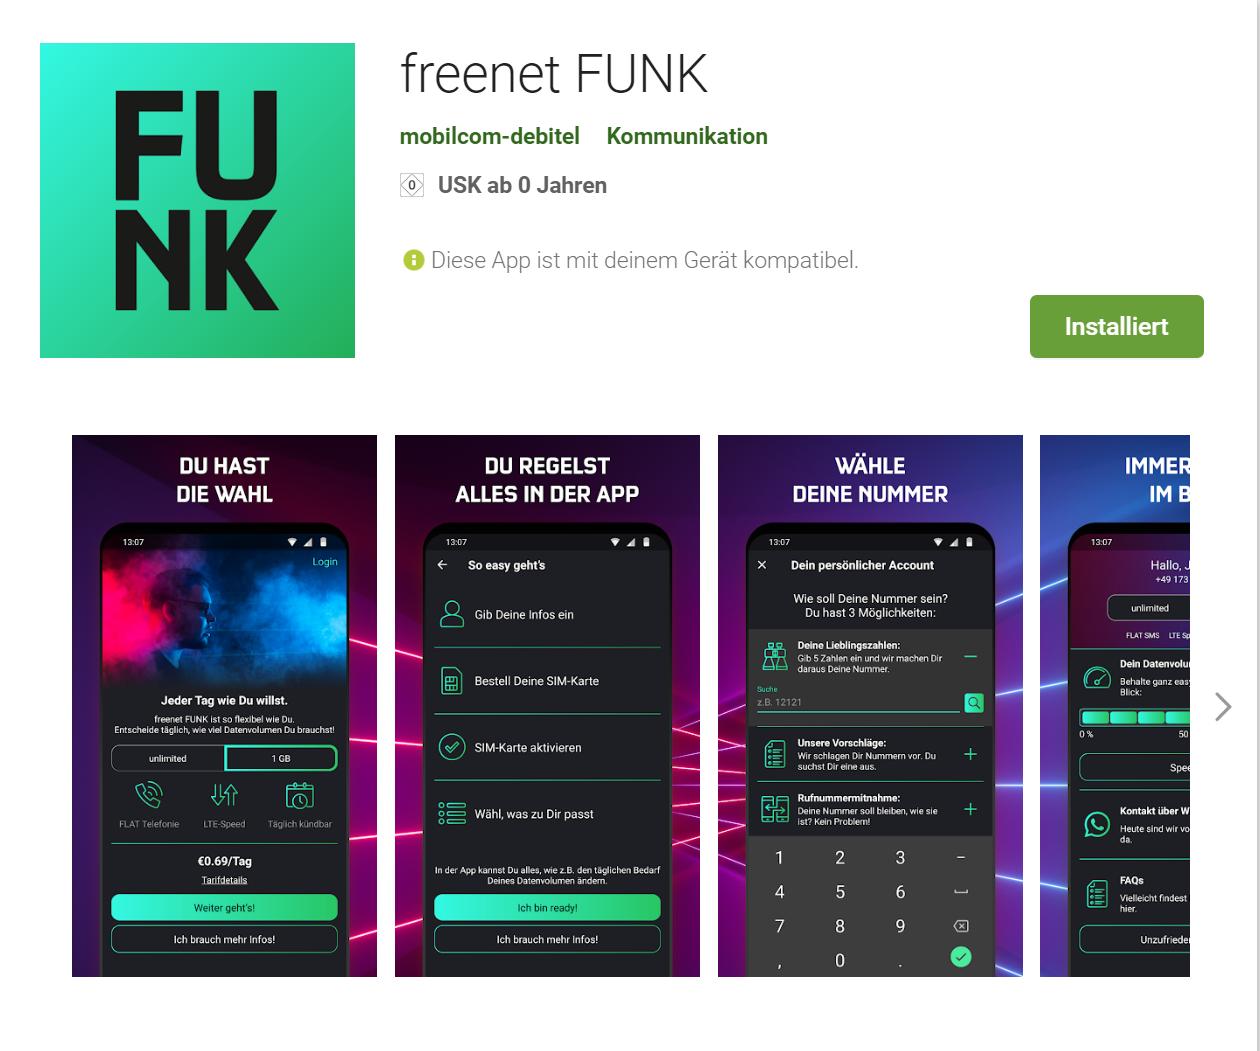 Freenet Funk - Unlimitierte LTE-Allnet-Flat für 99 Cent/Tag | 1GB für 69 Cent/Tag (o2-Netz)